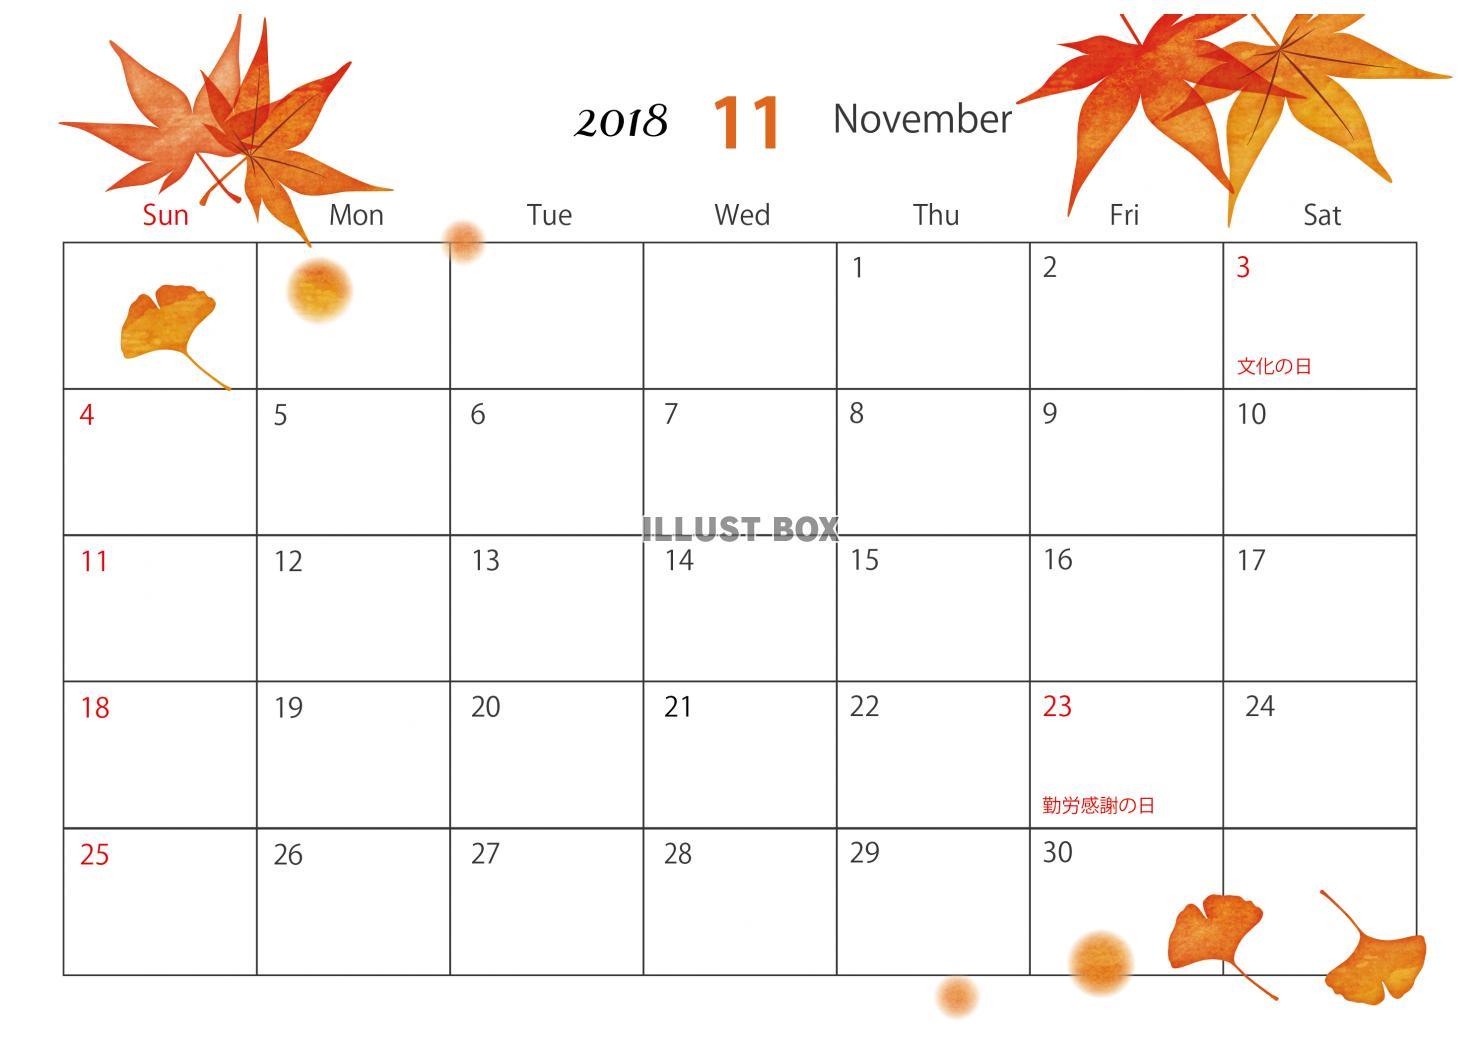 無料イラスト 2018年カレンダー 11月